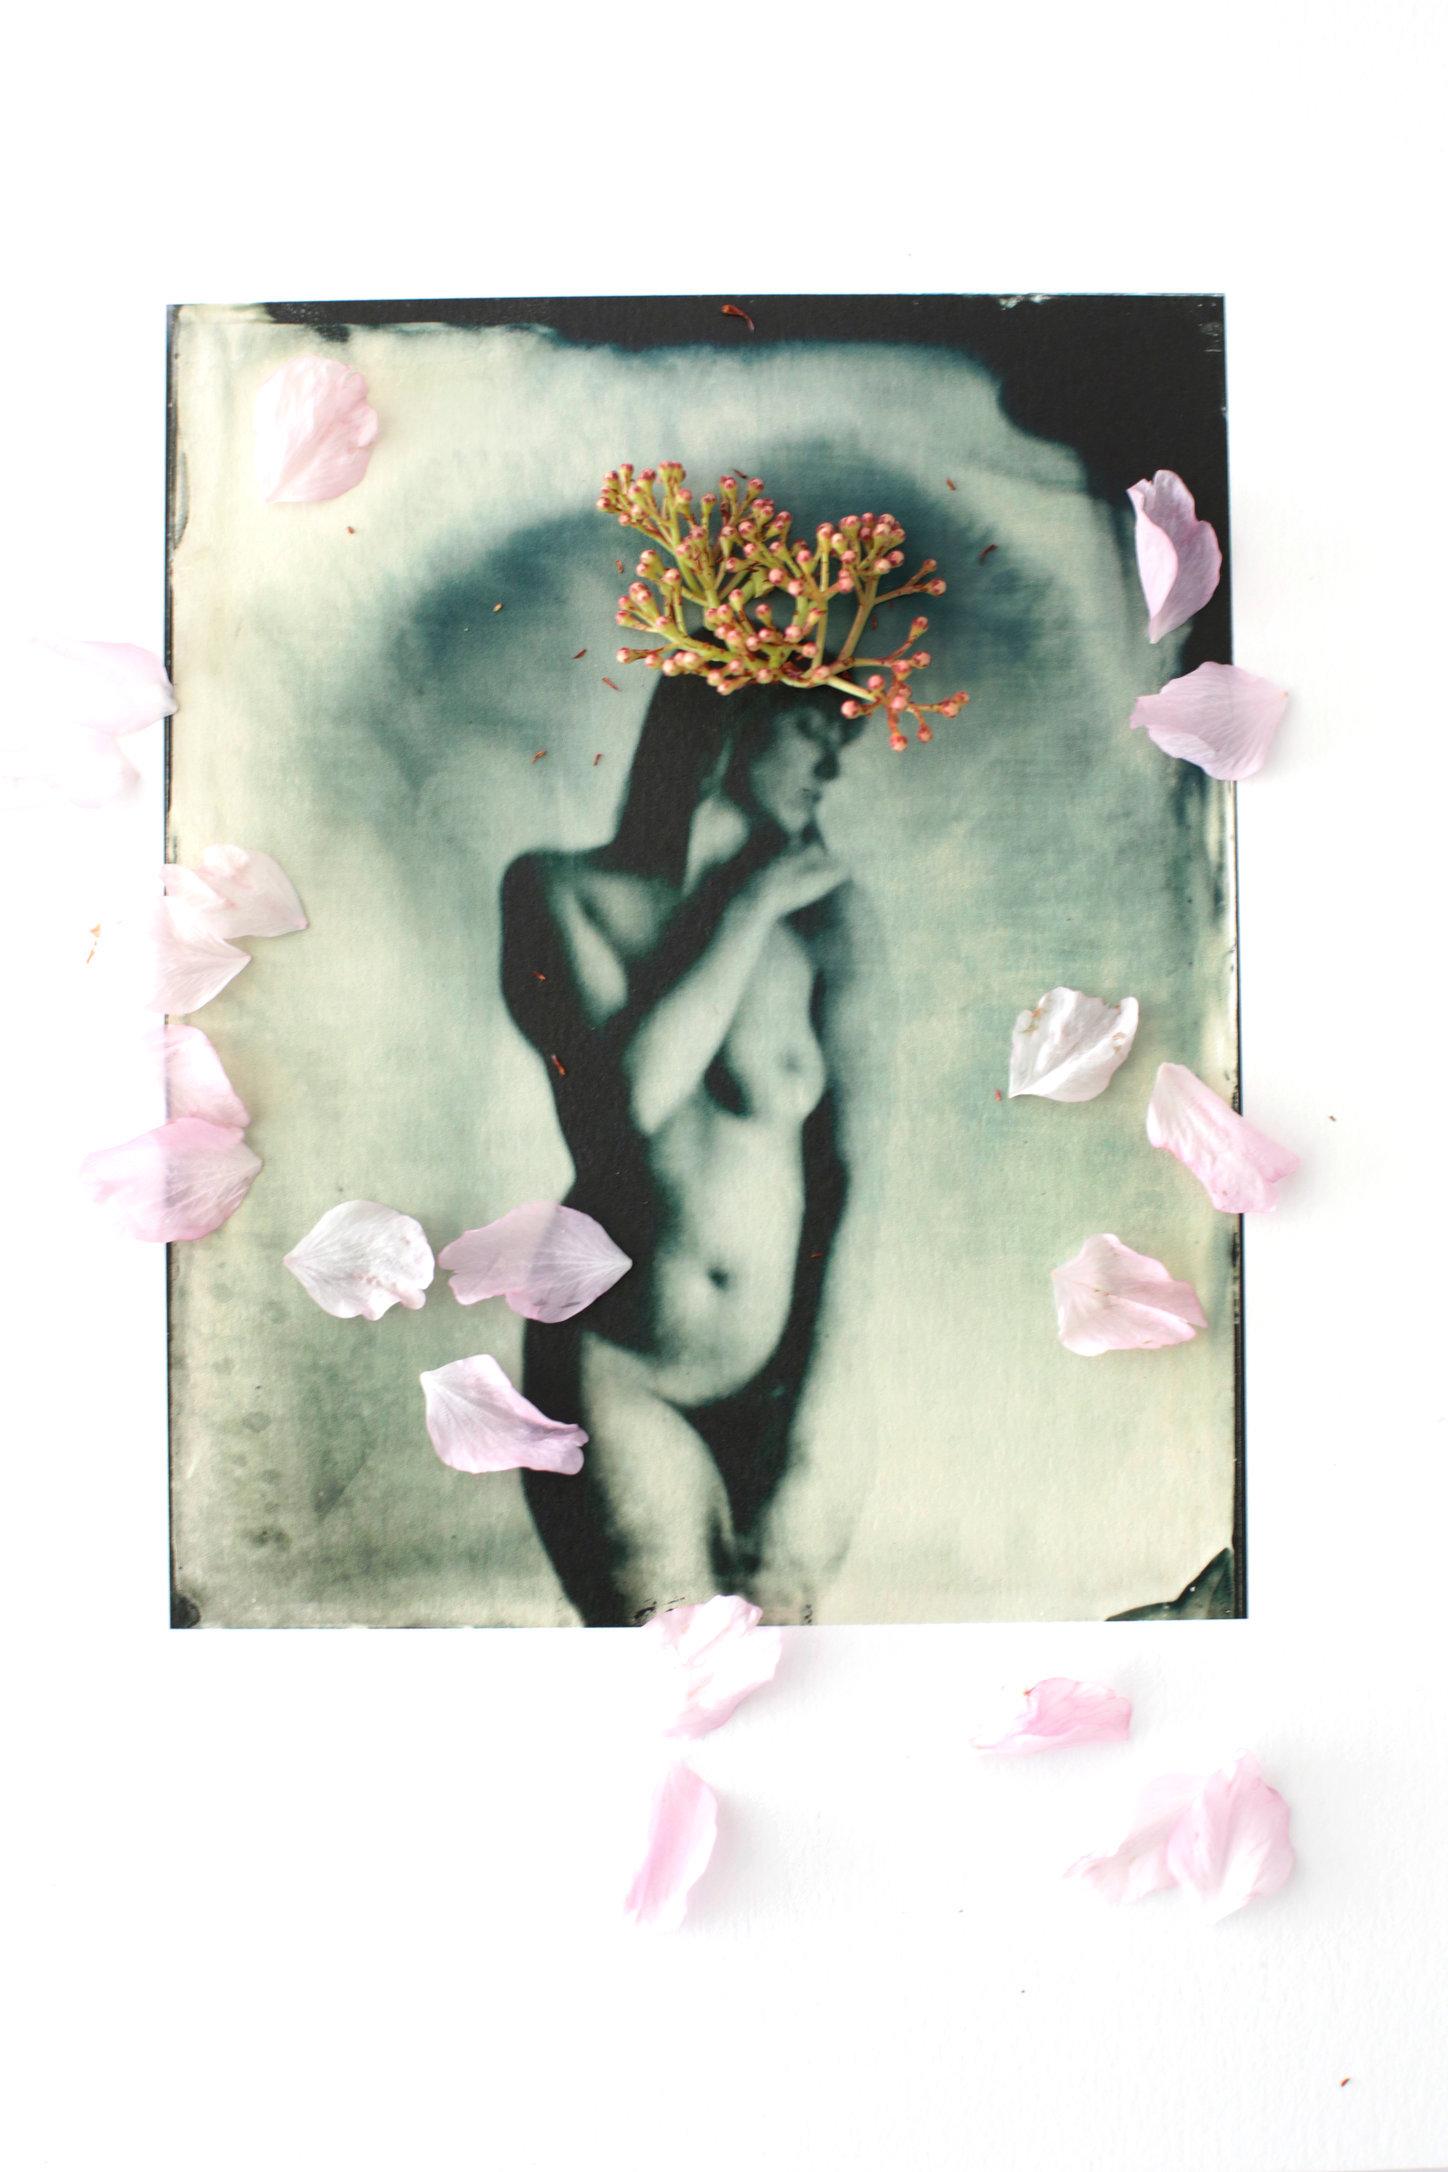 FLOWERS_1_035.JPG